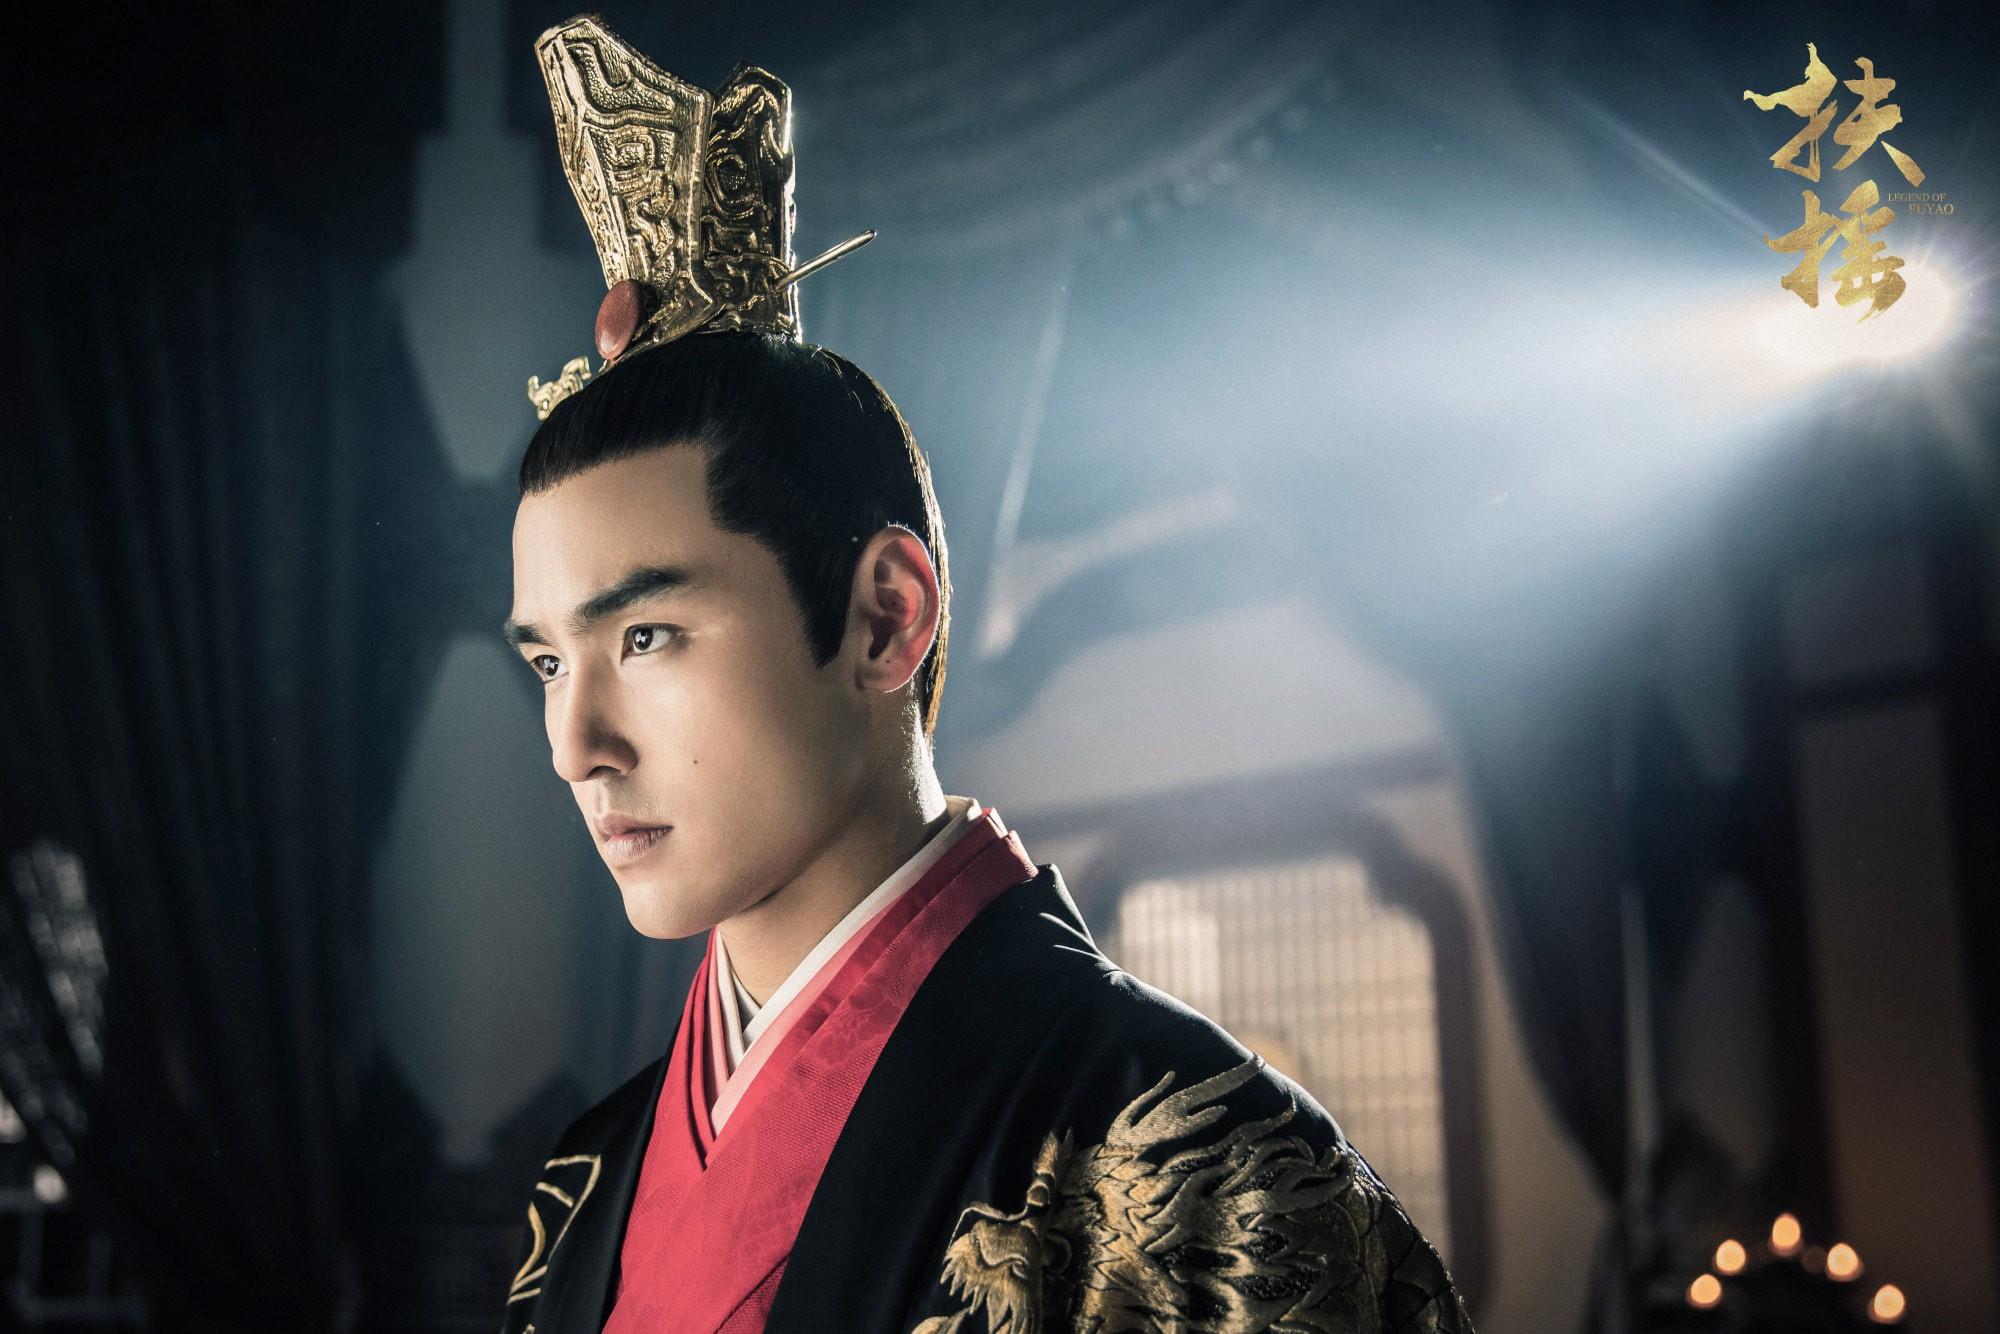 Fan khóc thét khi thấy thái tử Nguyễn Kinh Thiên cạo đầu làm thầy tu  - Ảnh 4.